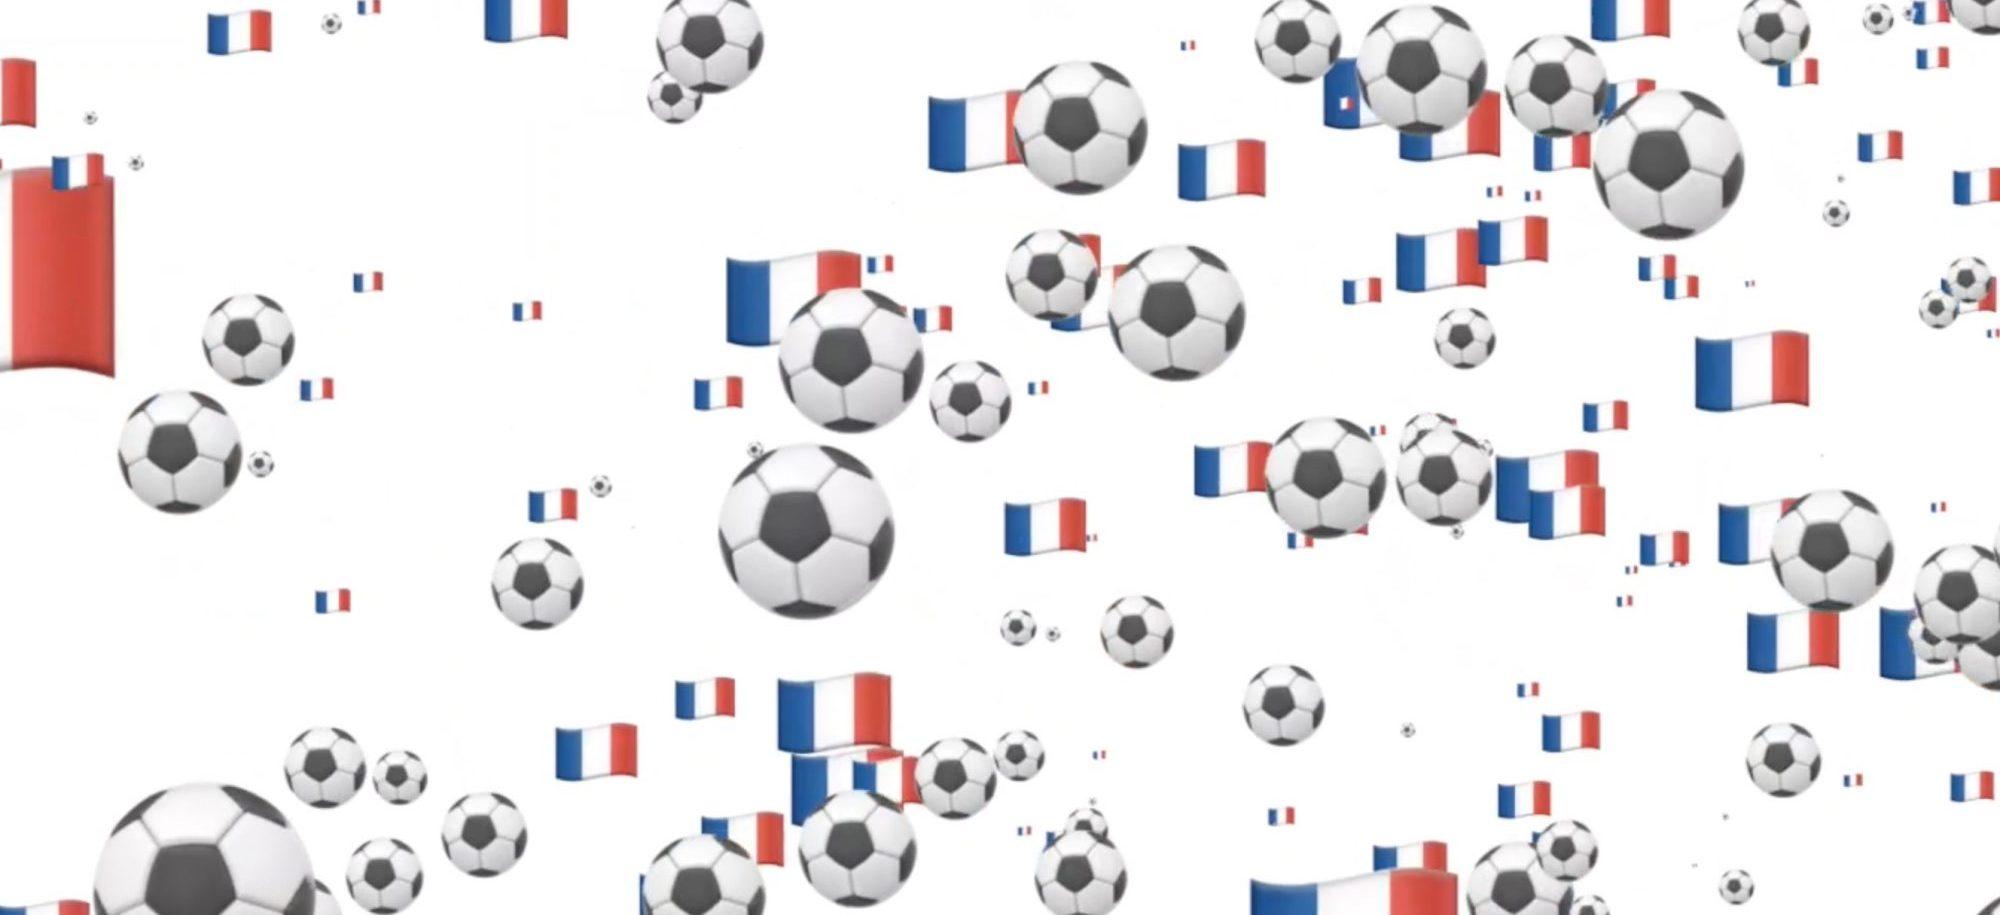 Marketing von Apple an der FIFA Fussballweltmeisterschaft in Russland